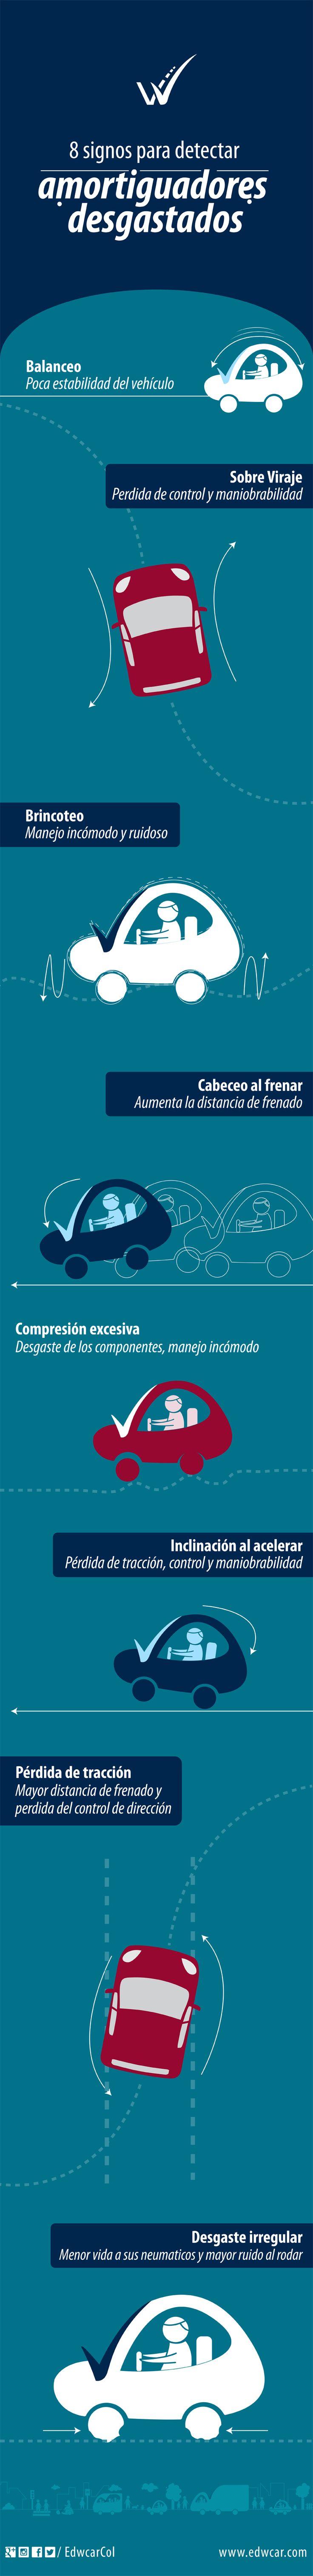 ¿Cuál es el estado de los amortiguadores de tu vehículo? Aprende cómo identificarlo